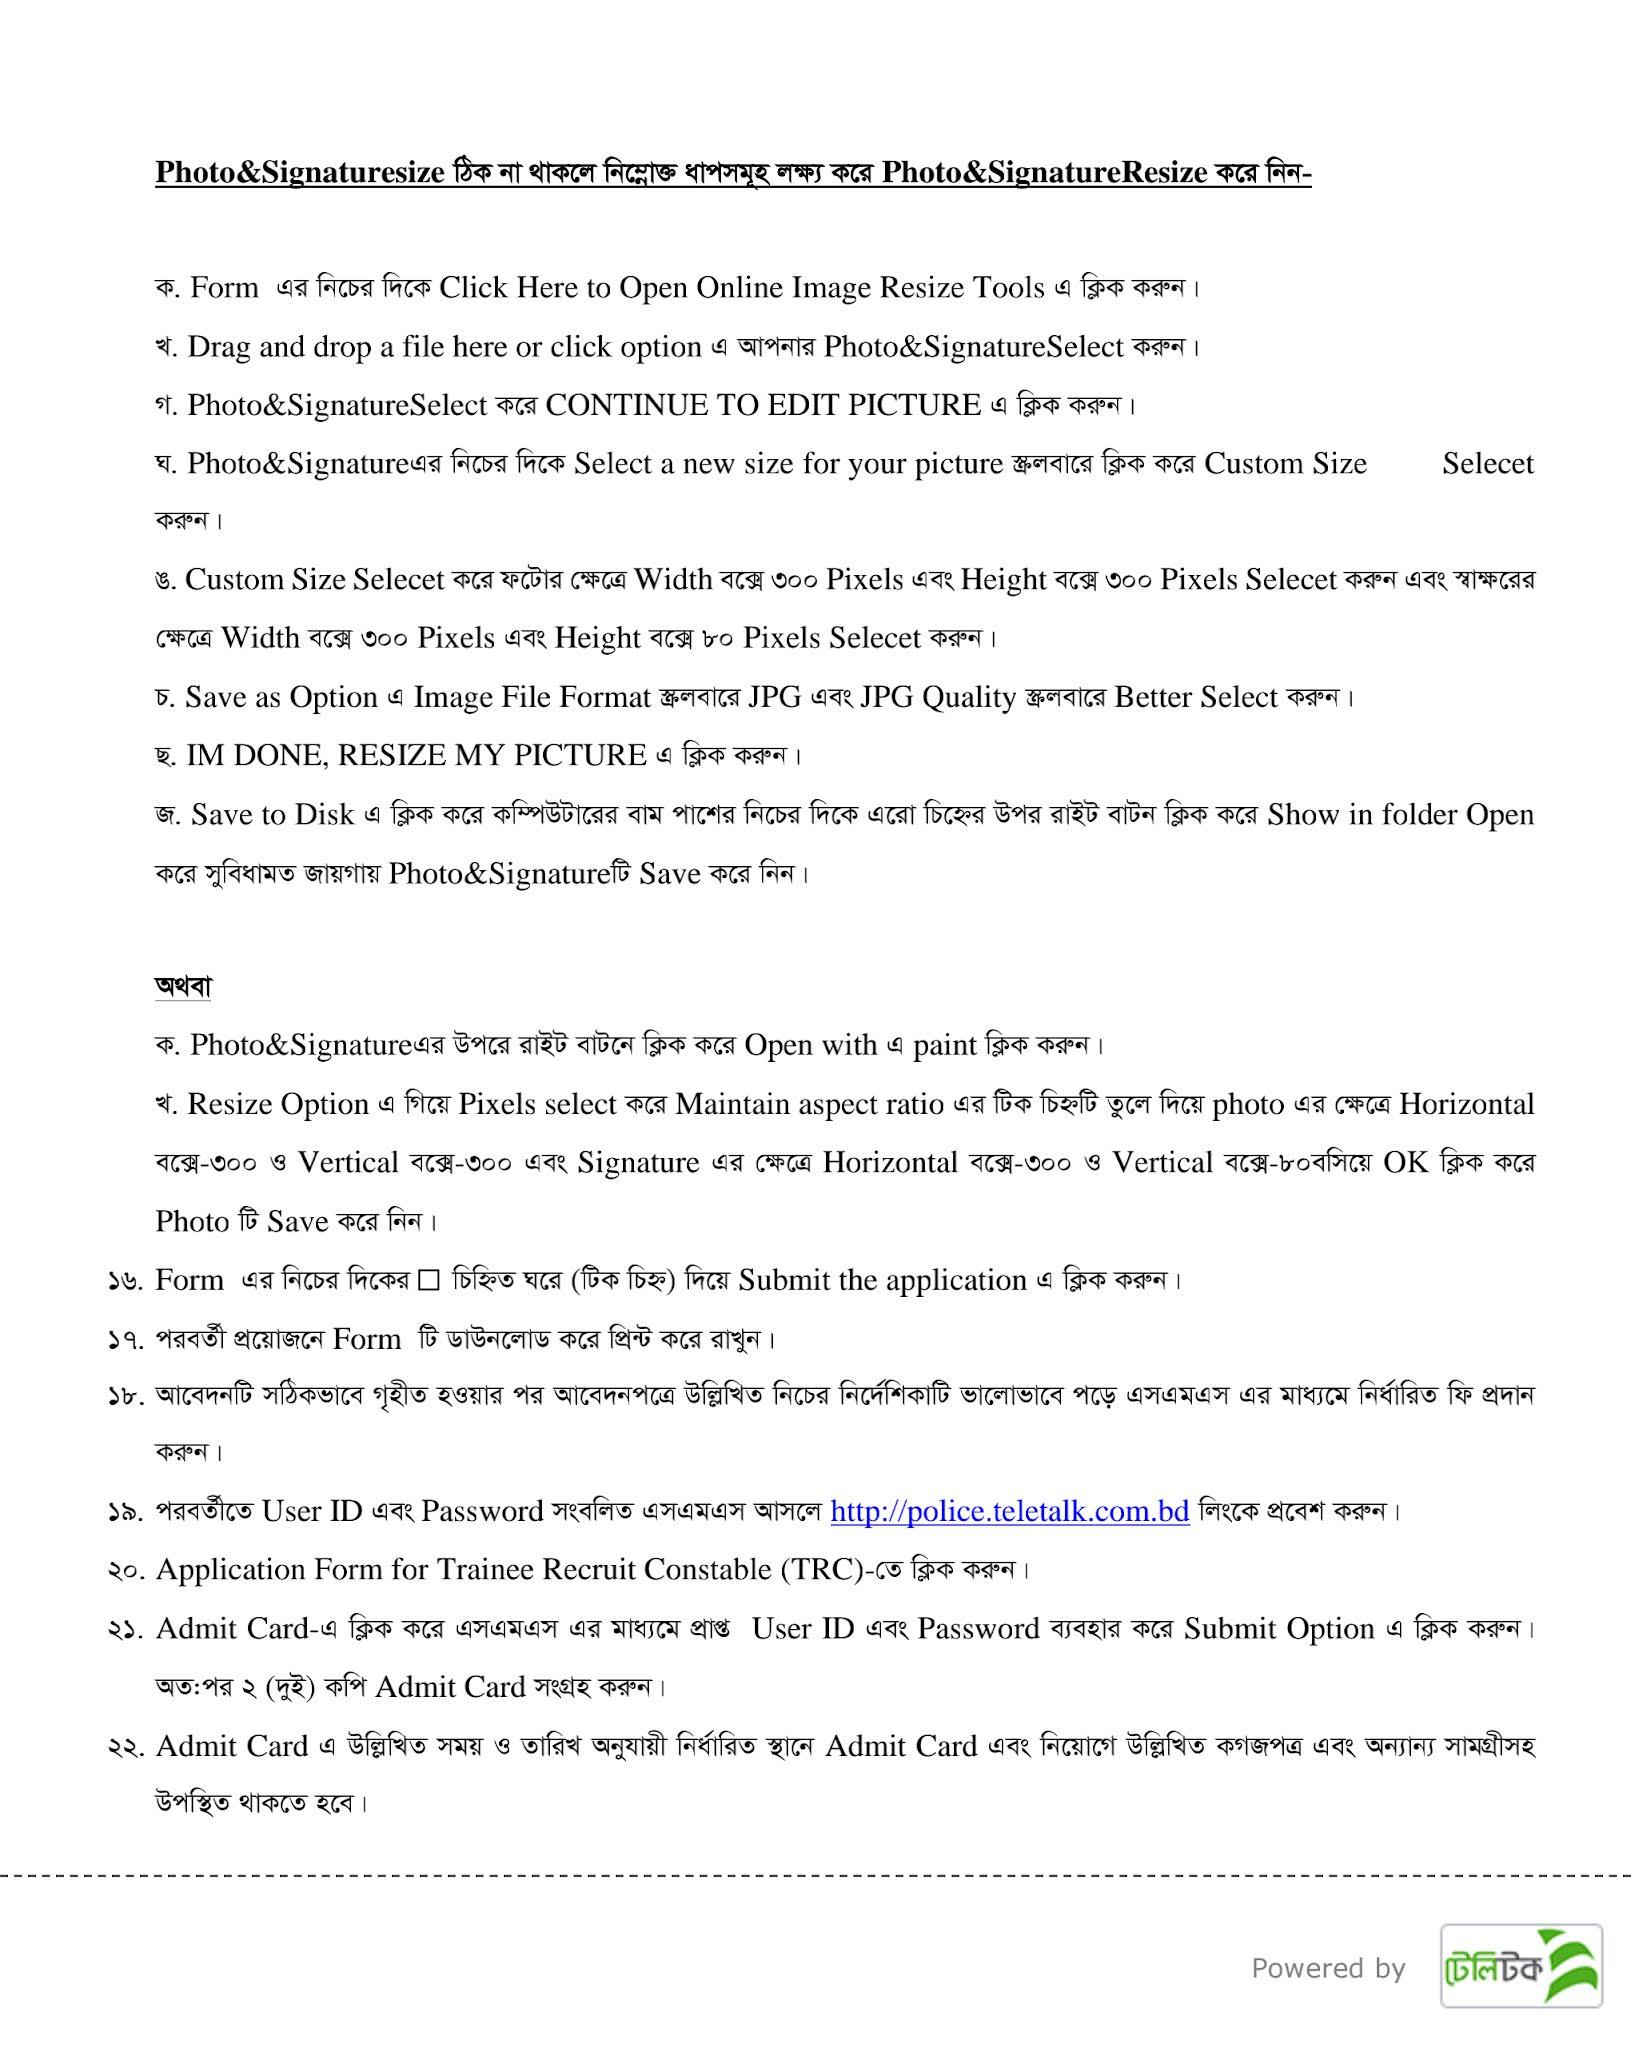 :বাংলাদেশ পুলিশ কনস্টেবল নিয়োগ বিজ্ঞপ্তি ২০২১,বাংলাদেশ পুলিশ কনস্টেবল নিয়োগ বিজ্ঞপ্তি ২০২১,Bangladesh police constable job circular 2021, Bangladesh Police Head Quarter Job Circular 2021, www.police.gov.bd, bangladesh police job circular 2021, bangladesh police constable job circular, www.police.gov.bd, job application form, bangladesh police job application form pdf, bangladesh police circular, bangladesh police salary, bangladesh police recruitment, Bangladesh Police Constable  Job Circular July 2021, Bangladesh Police TRC Job Circular March 2021,apply process,police application form download,bangladesh police constobol job application form,download application police,bangladesh police job circular in 2021,latest police job circular,update police job circular,constable job circular 2021,police.gov.bd,www.police.com,bd police job circular 2021,bd constable job circular, http://www.police.gov.bd/RecruitmentInformation.php, si circular 2021, Bangladesh Police SI Circular January 2021, bangladesh police salary, bangladesh police si job circular pdf